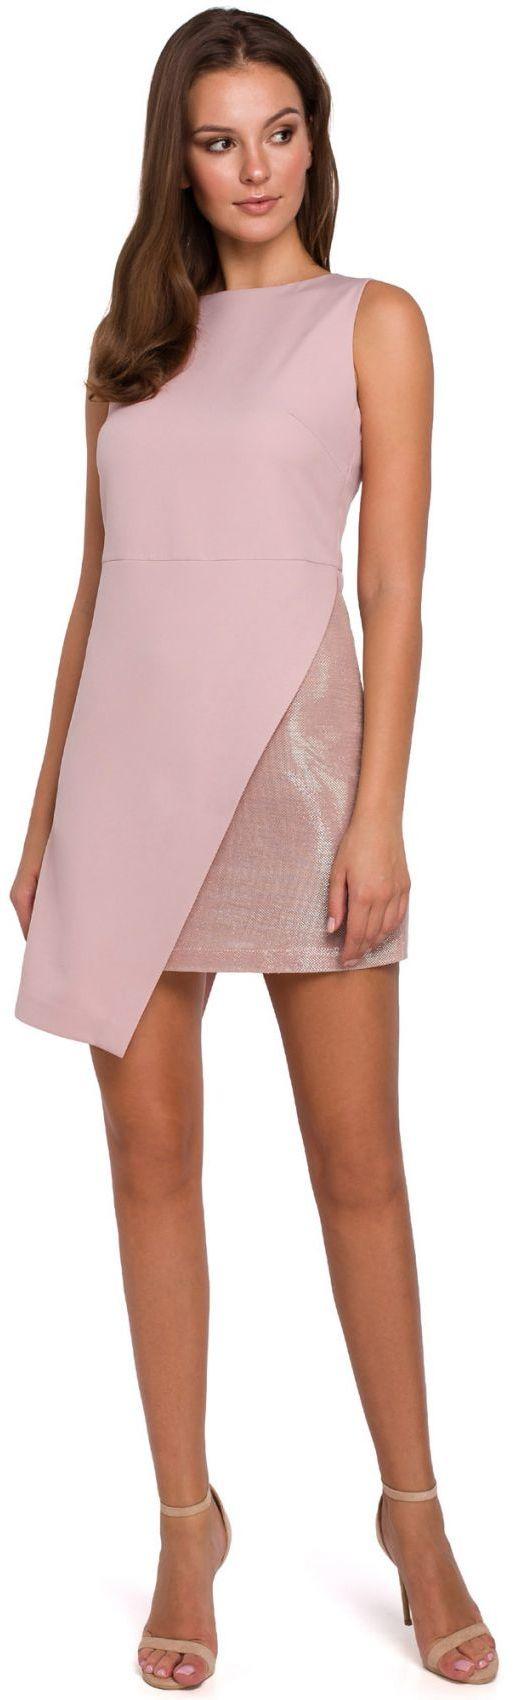 K014 Krótka sukienka dwuwarstwowa - brudny róż